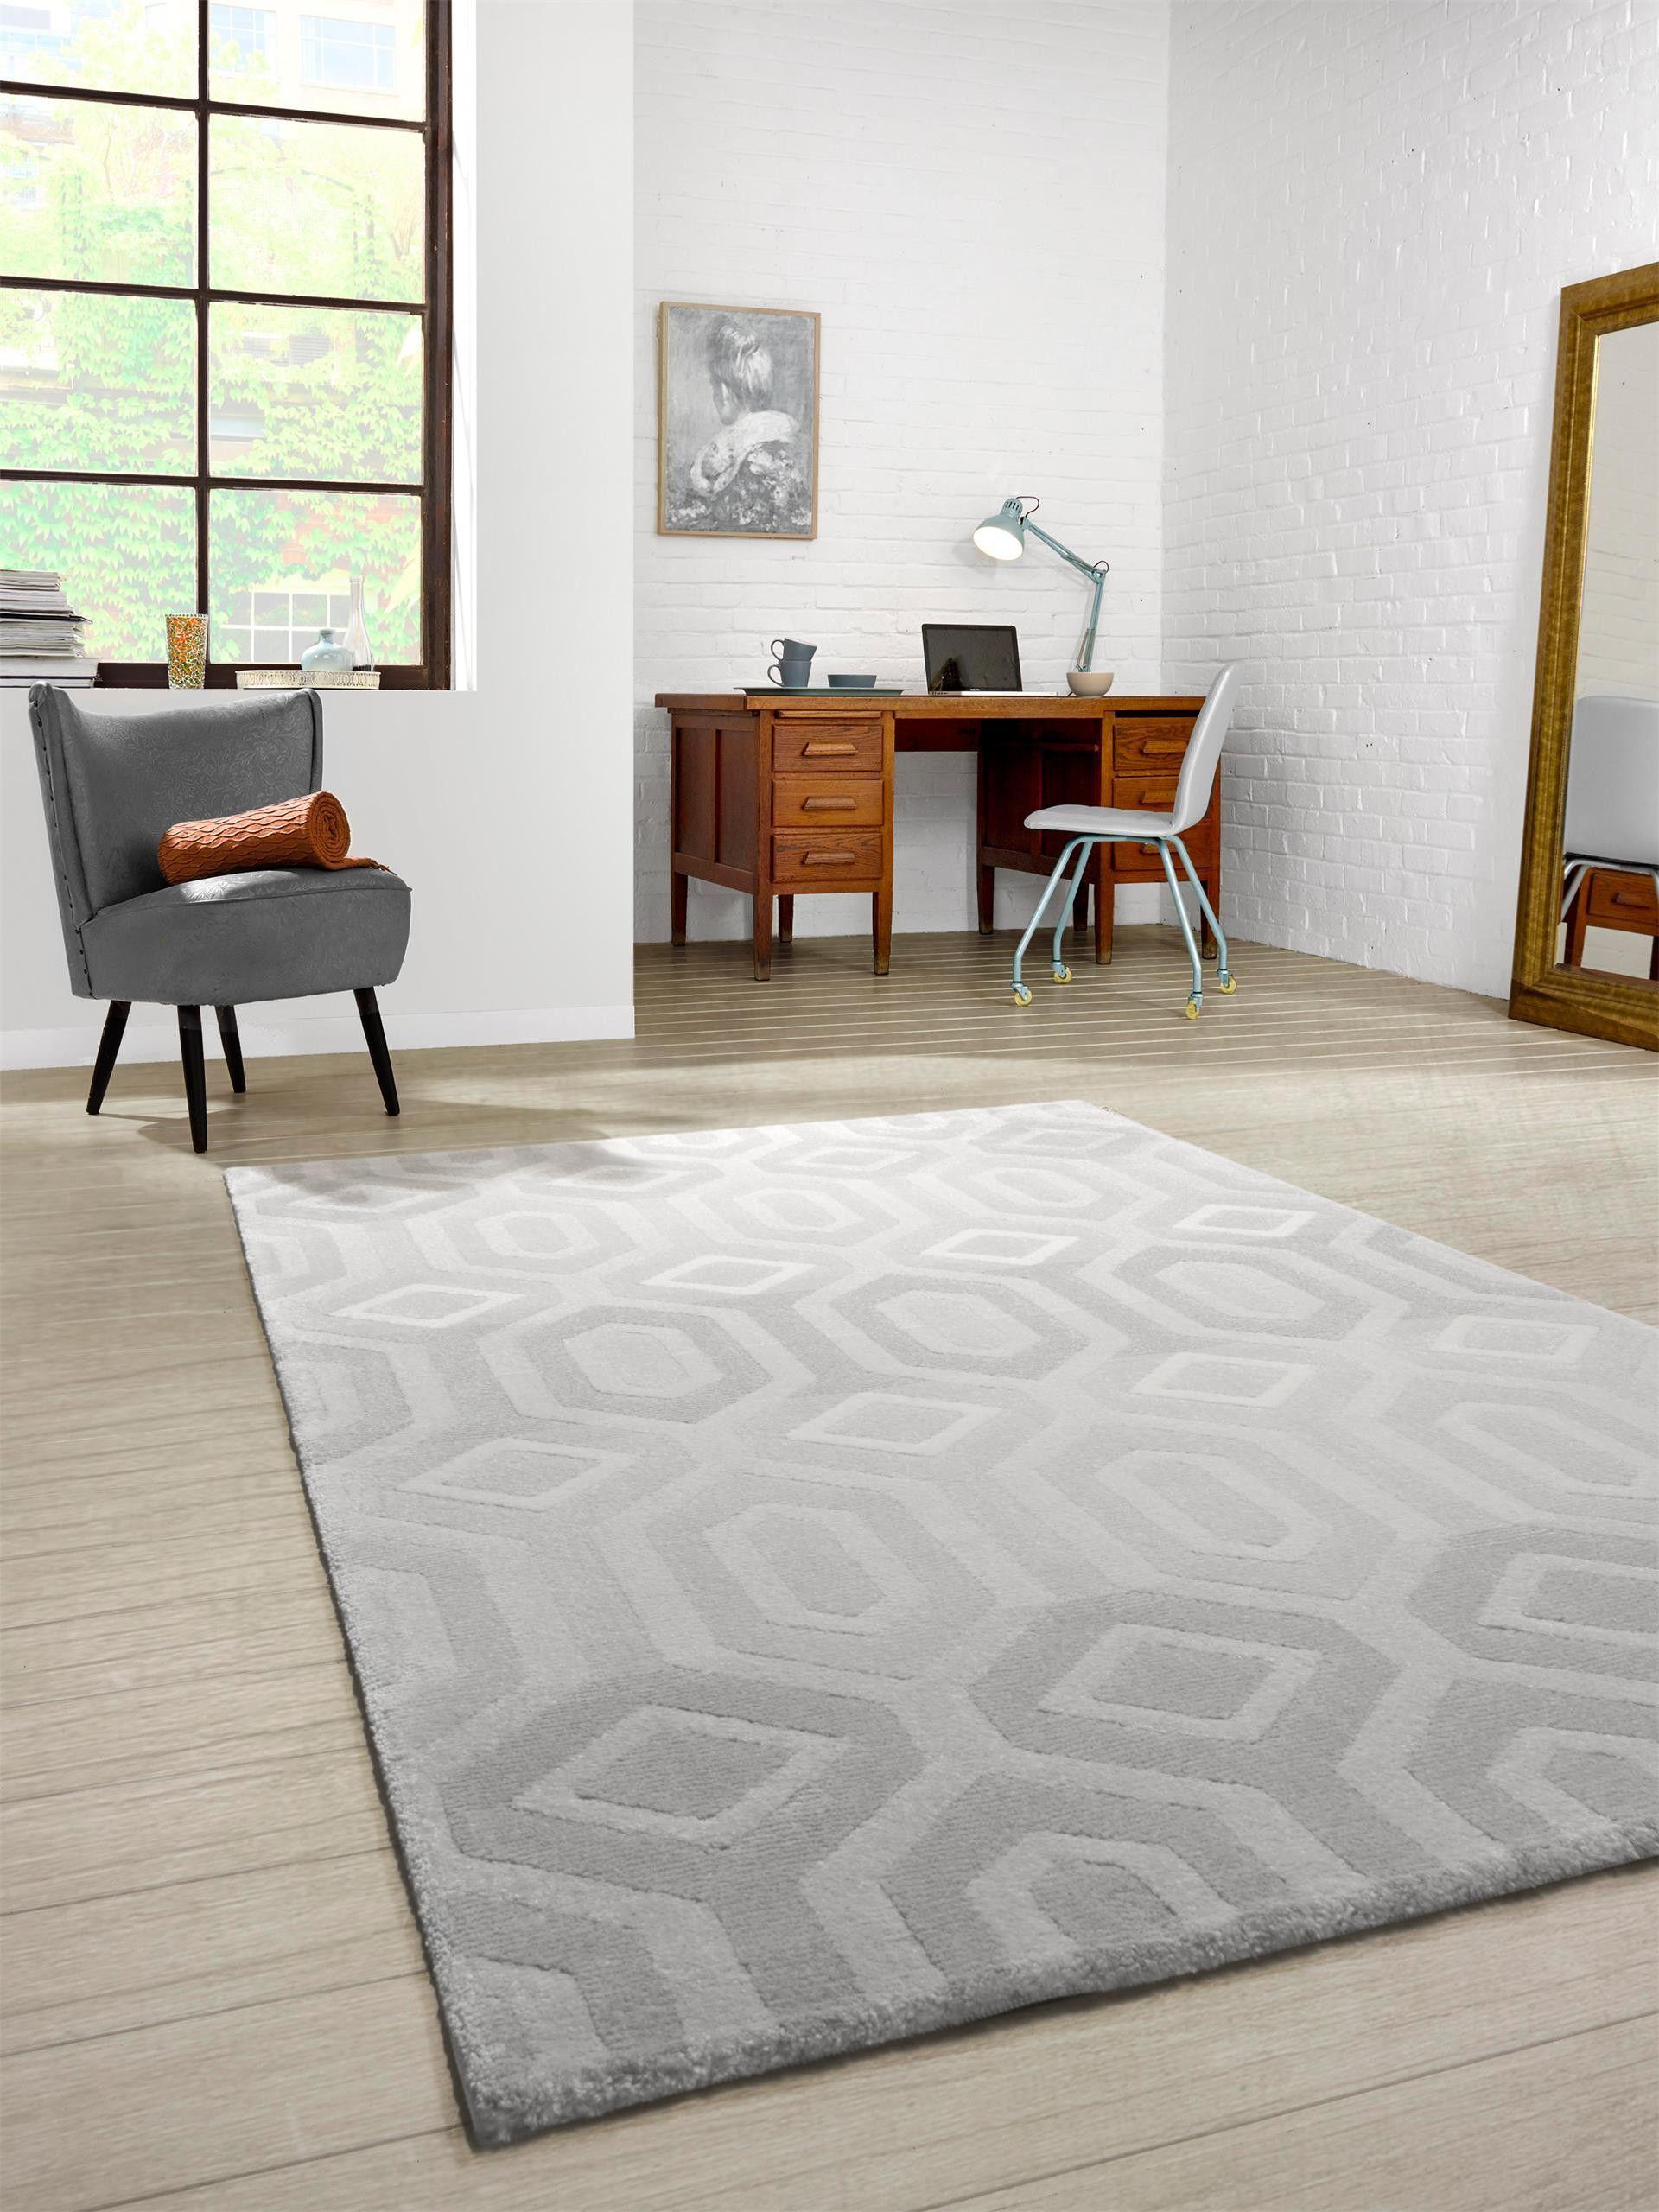 Fantastisch Skandinavisches Design In Dezenten Grautönen: Benuta Teppich Opus Illusion  #benuta #teppich #interior #rugs